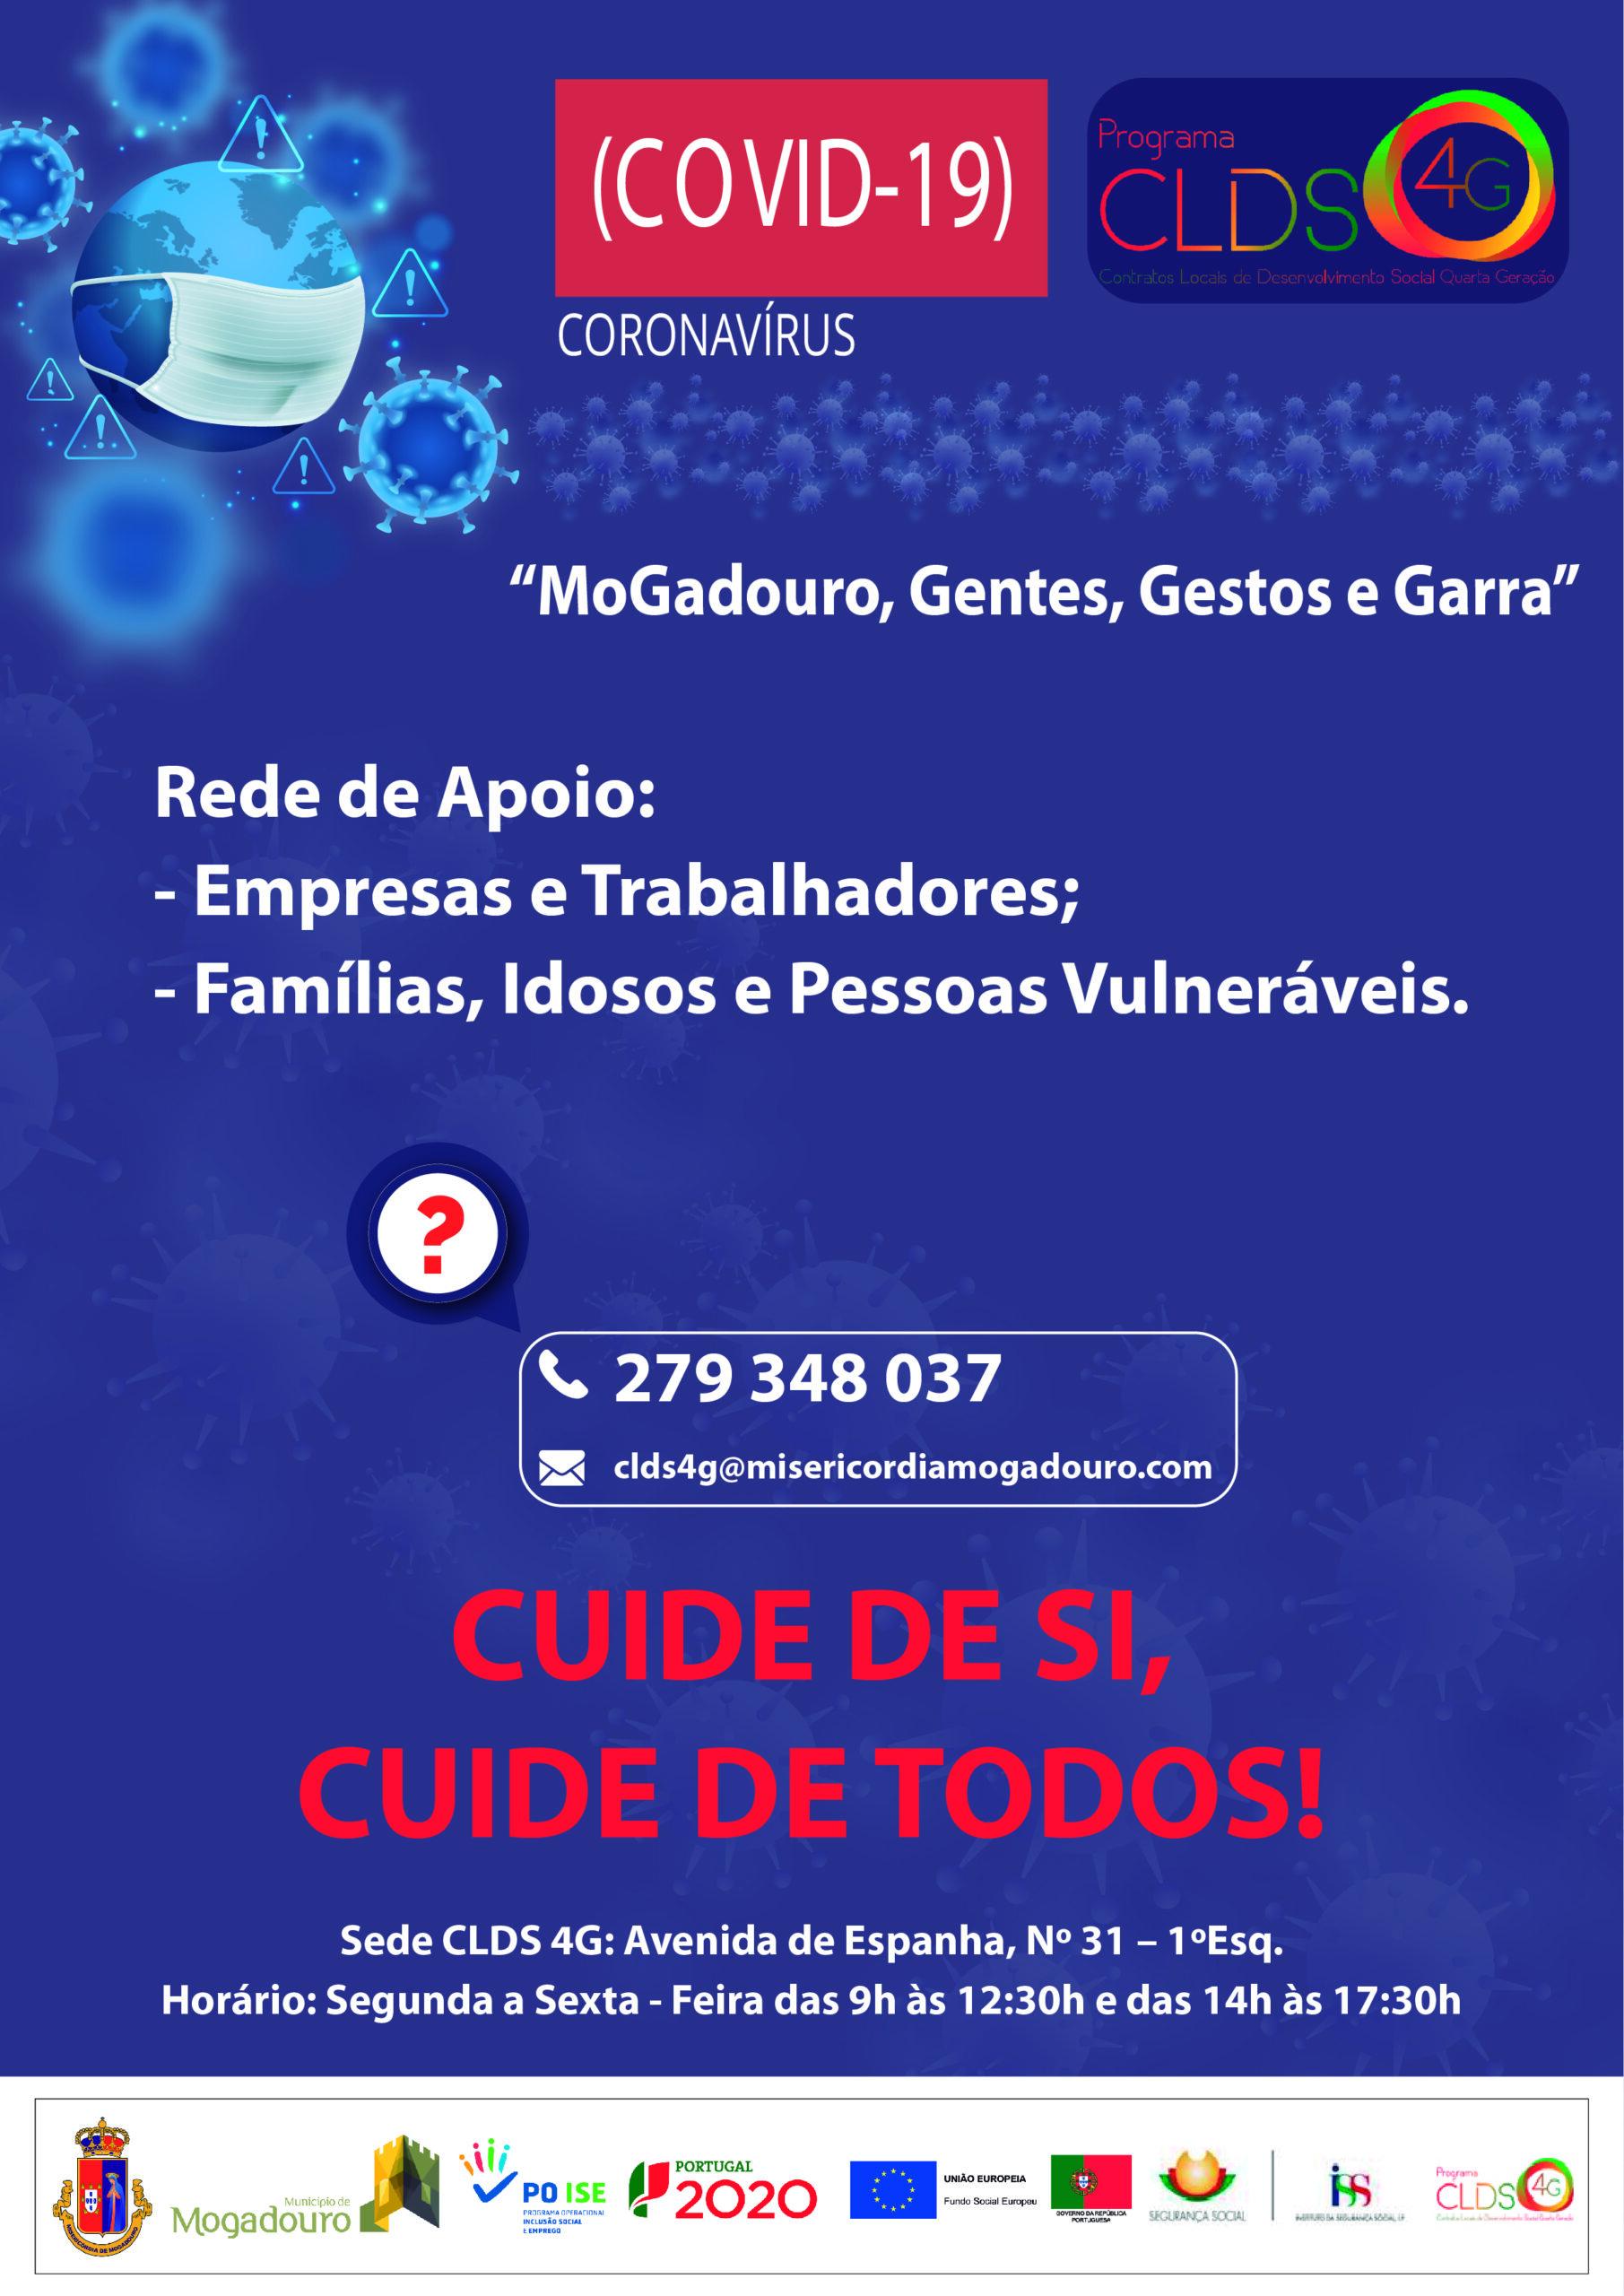 coronavirus-clds-4g